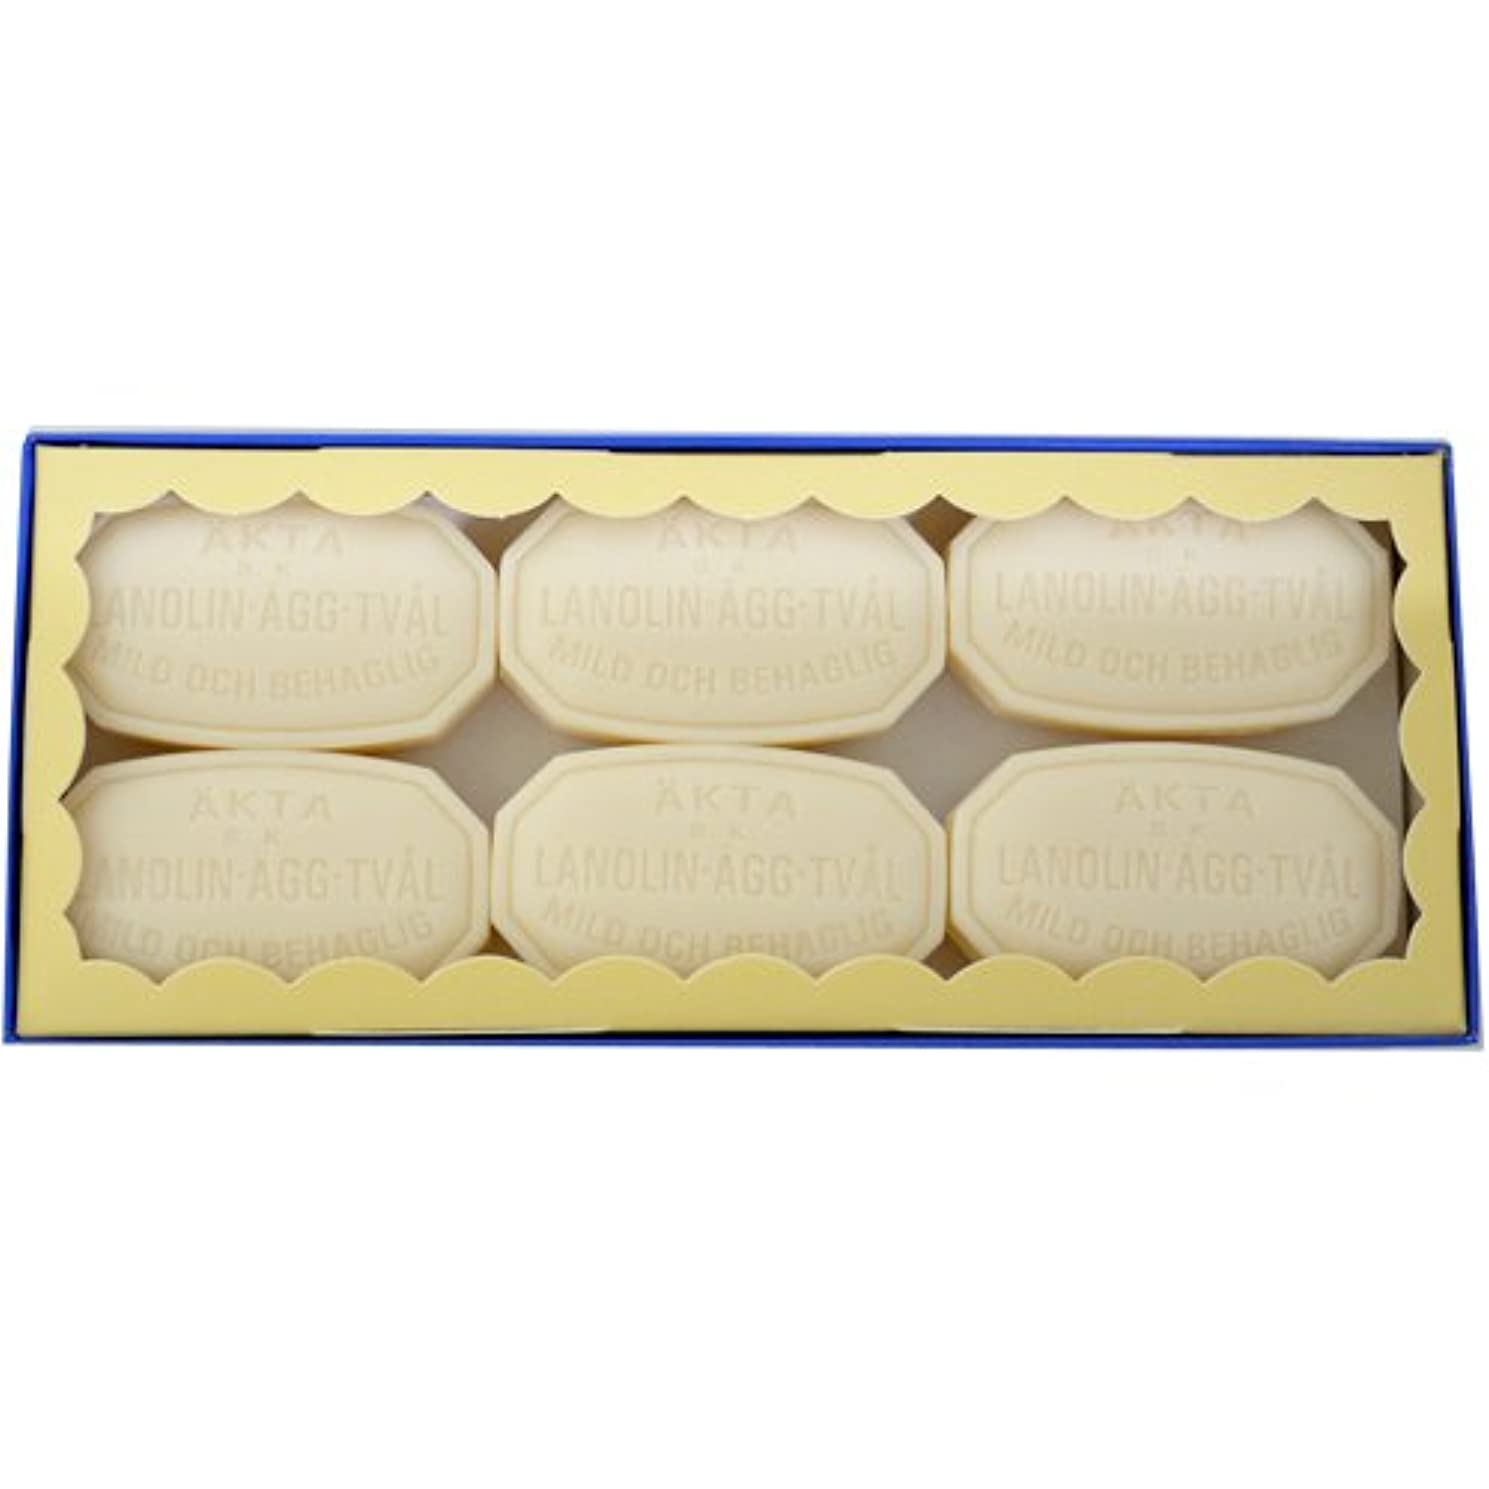 しっかり肝ソーセージヴィクトリアソープ エッグ ホワイトソープ 50g×6個セット 【並行輸入品】